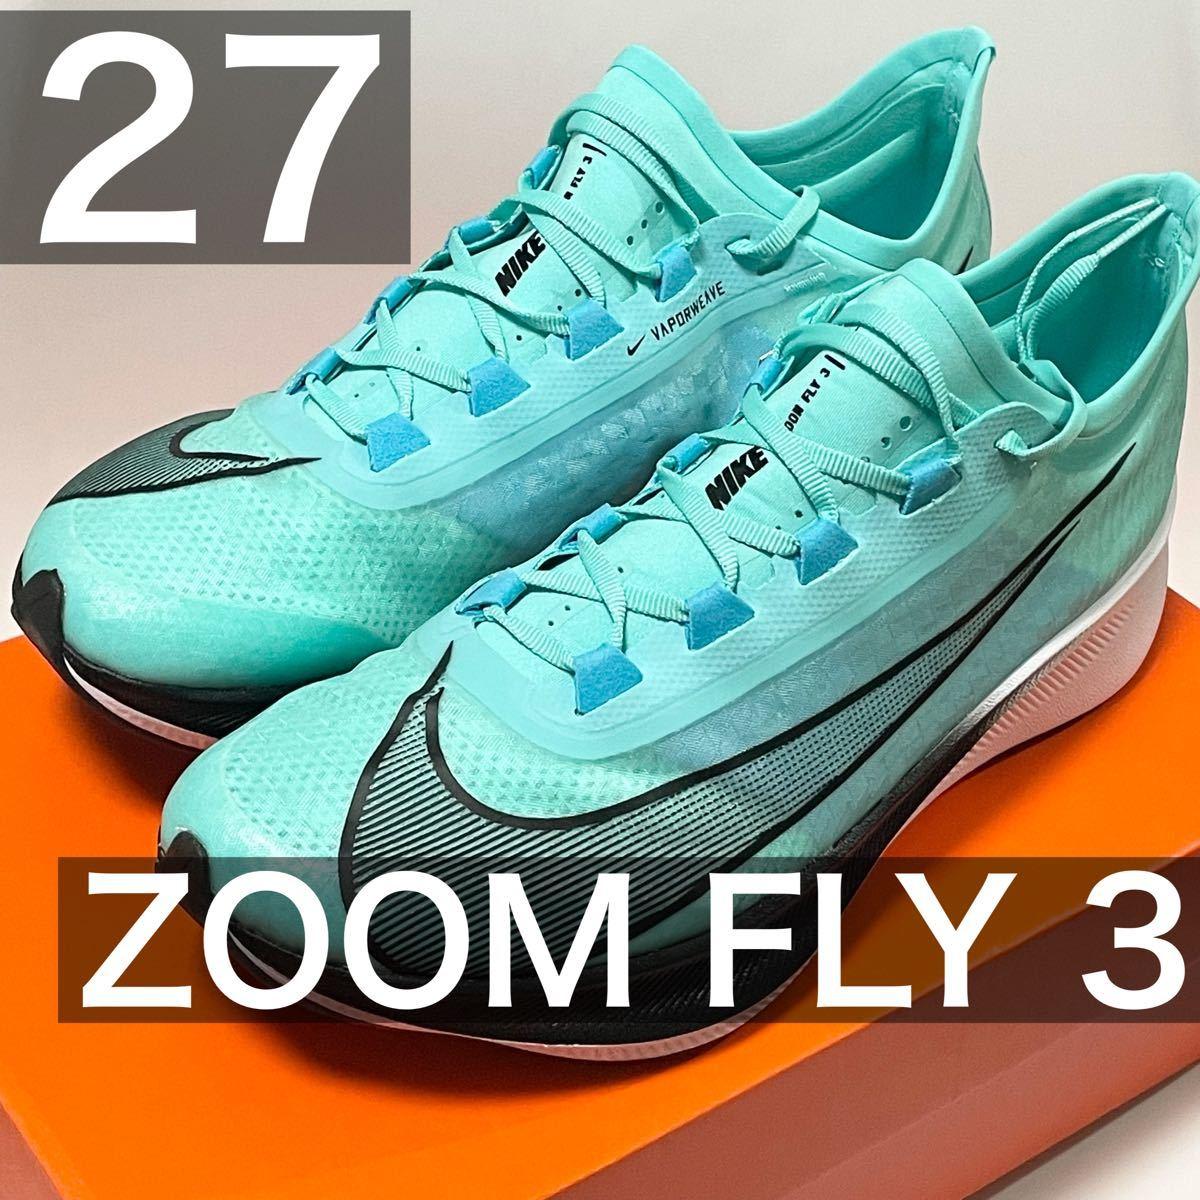 ナイキ ズーム フライ 3 ZOOM FLY 3 AT8240 27cm NIKE